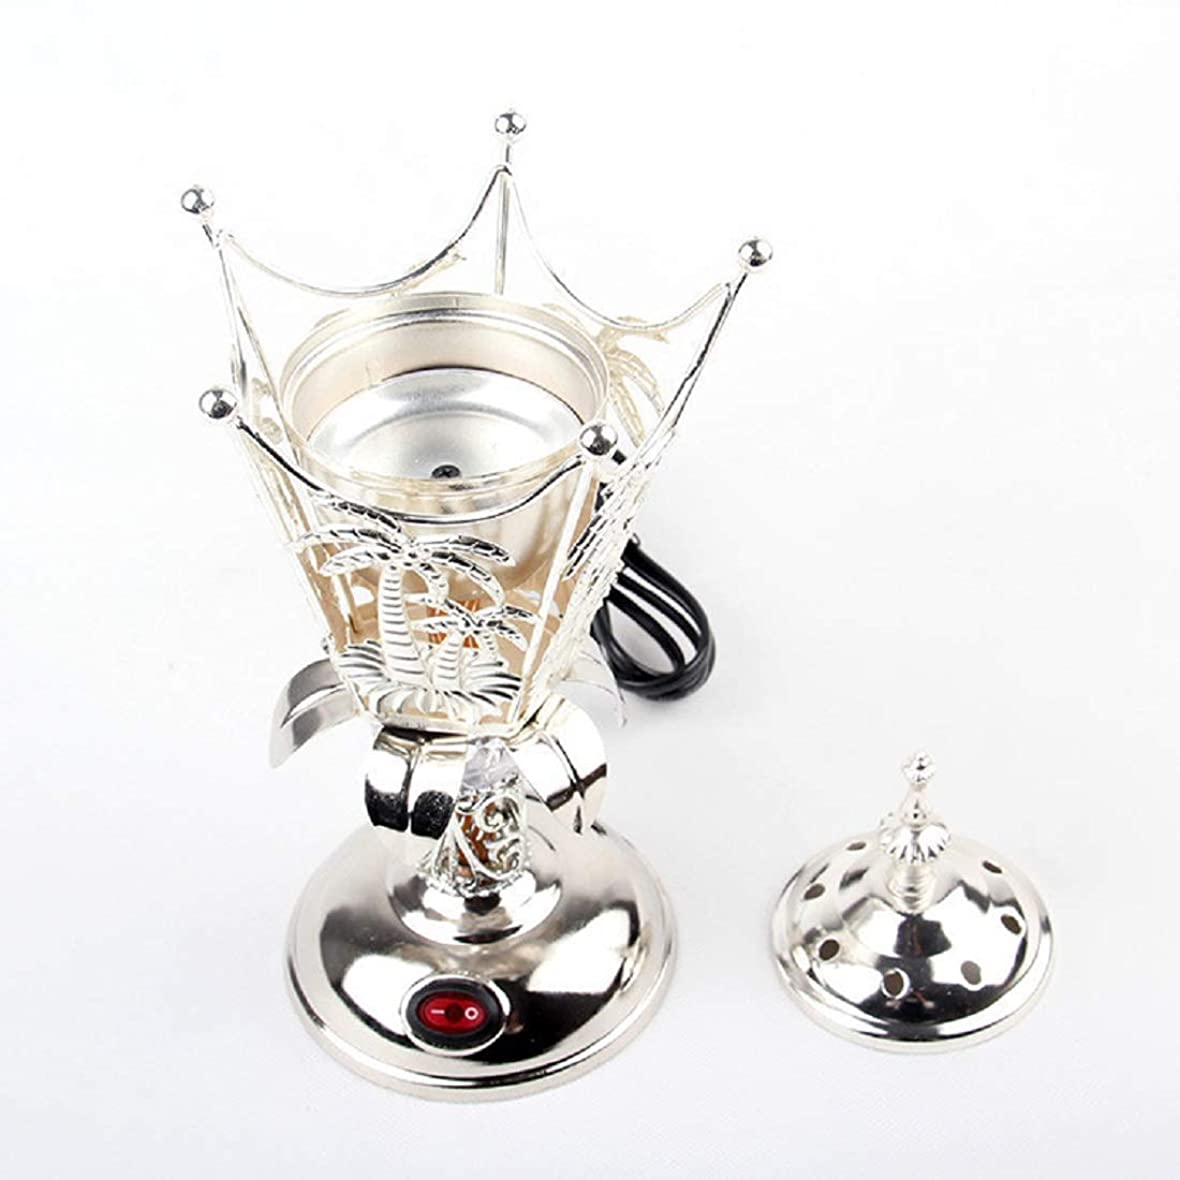 負担外交問題含意OMG-Deal Electric Bakhoor Burner Electric Incense Burner +Camphor- Oud Resin Frankincense Camphor Positive Energy Gift - WF-008 - Silver